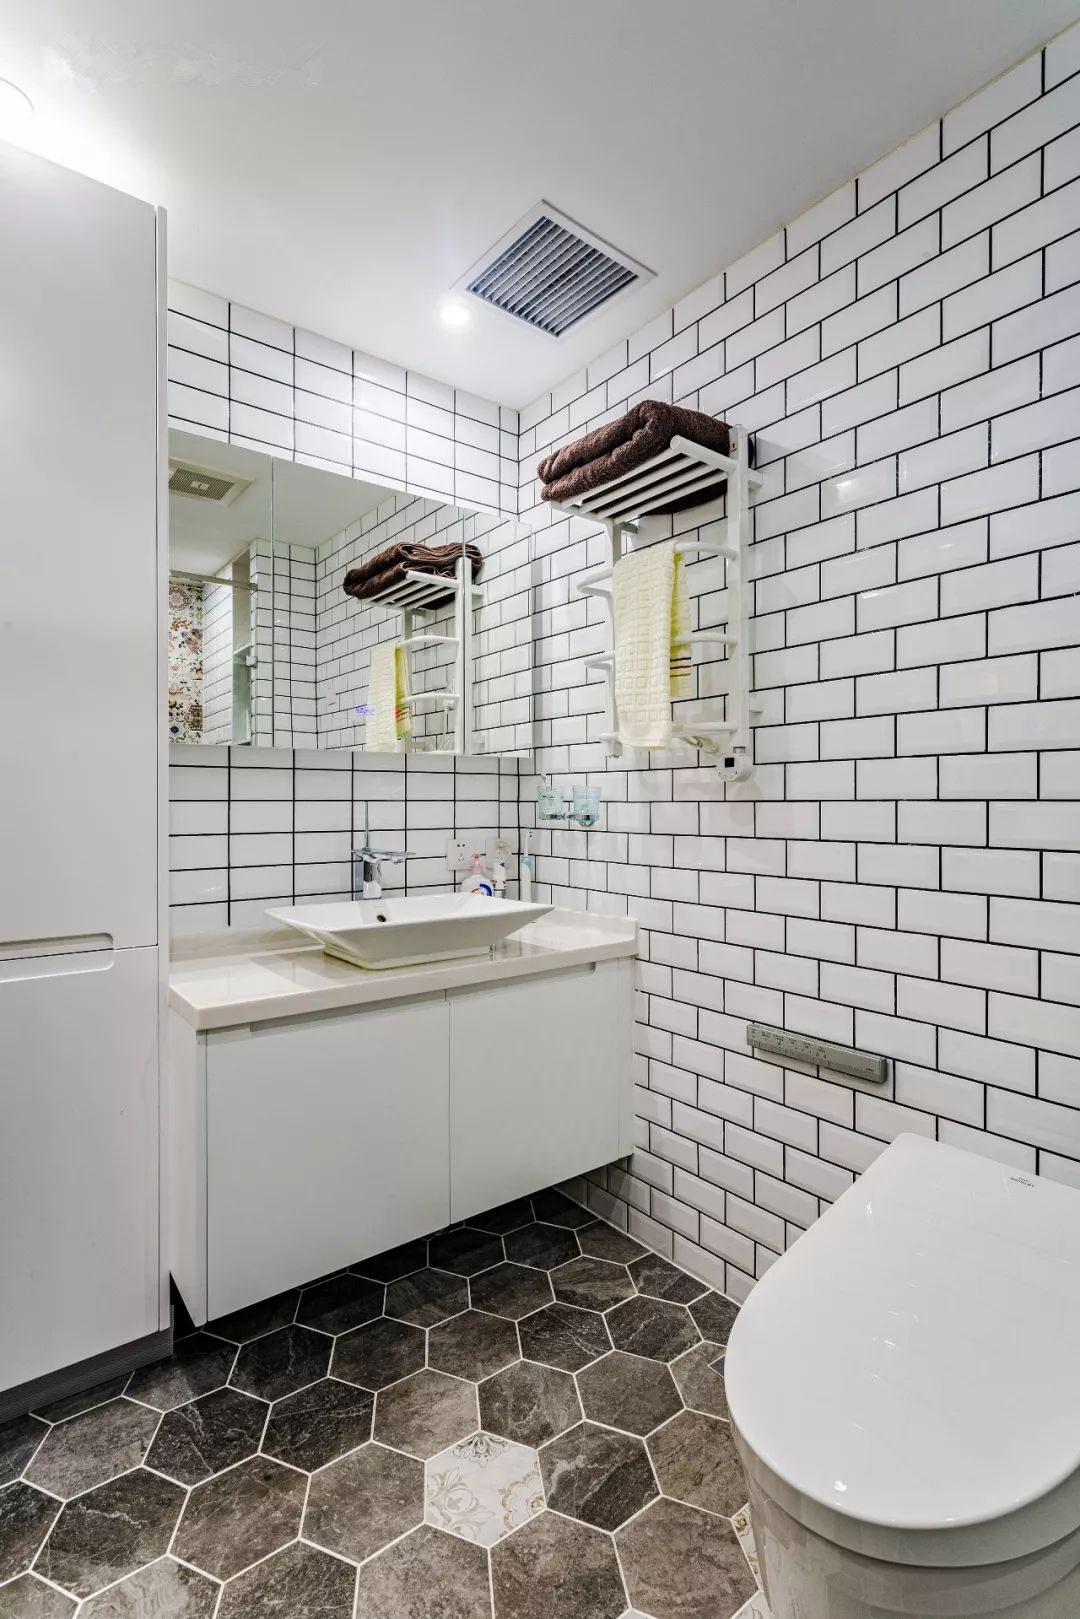 卫生间是没有自然通风采光的暗卫,所以配备了电热毛巾架;左侧的高柜则承担了大量的日常用品收纳功能。